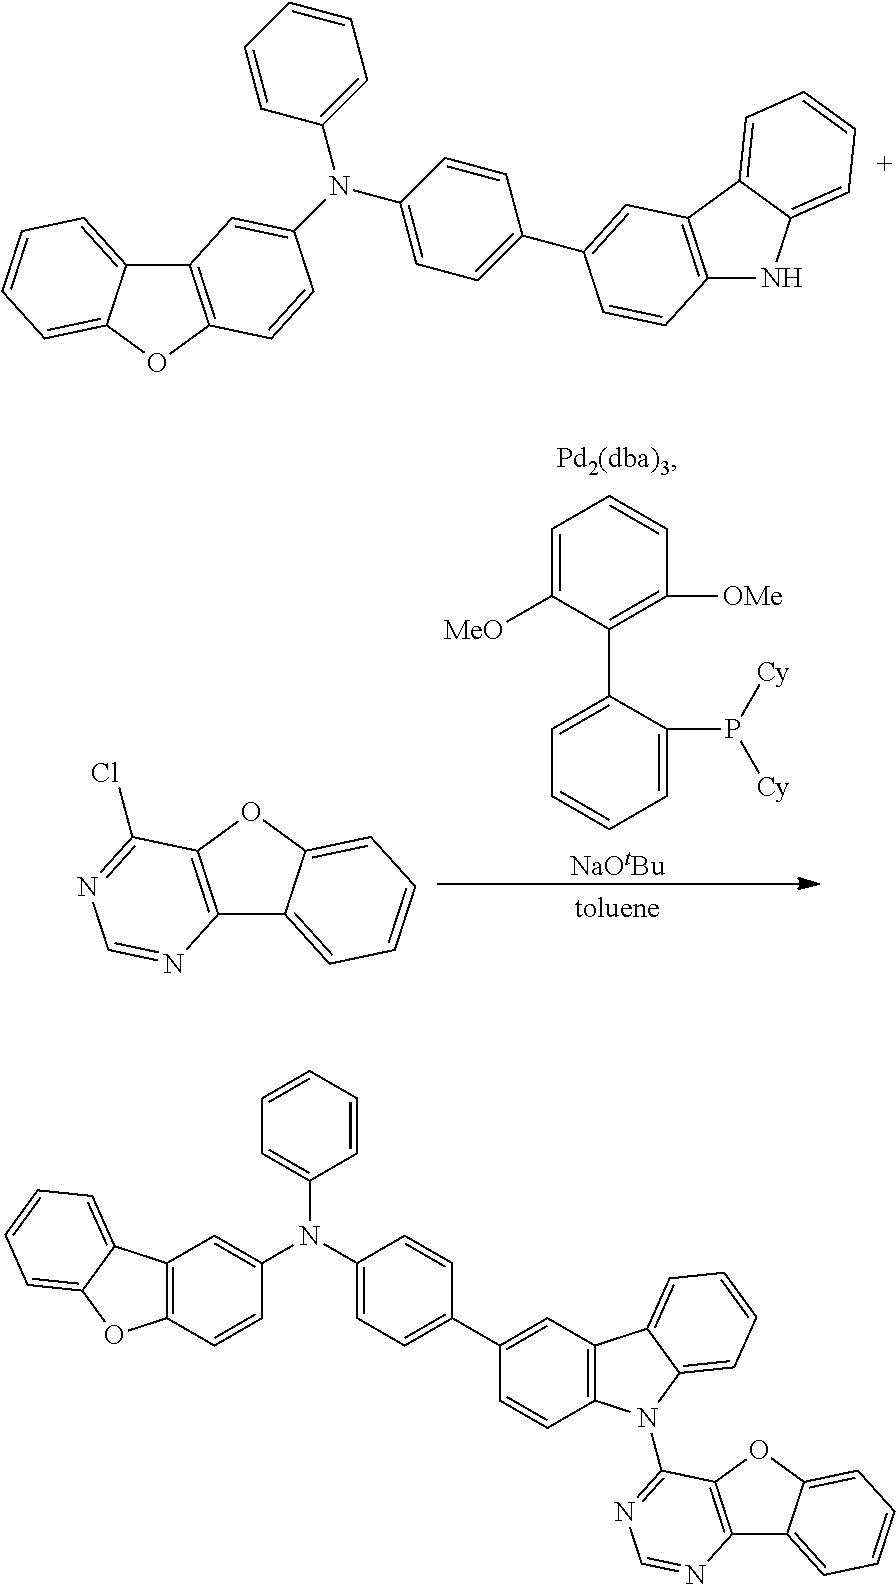 Figure US09324949-20160426-C00306